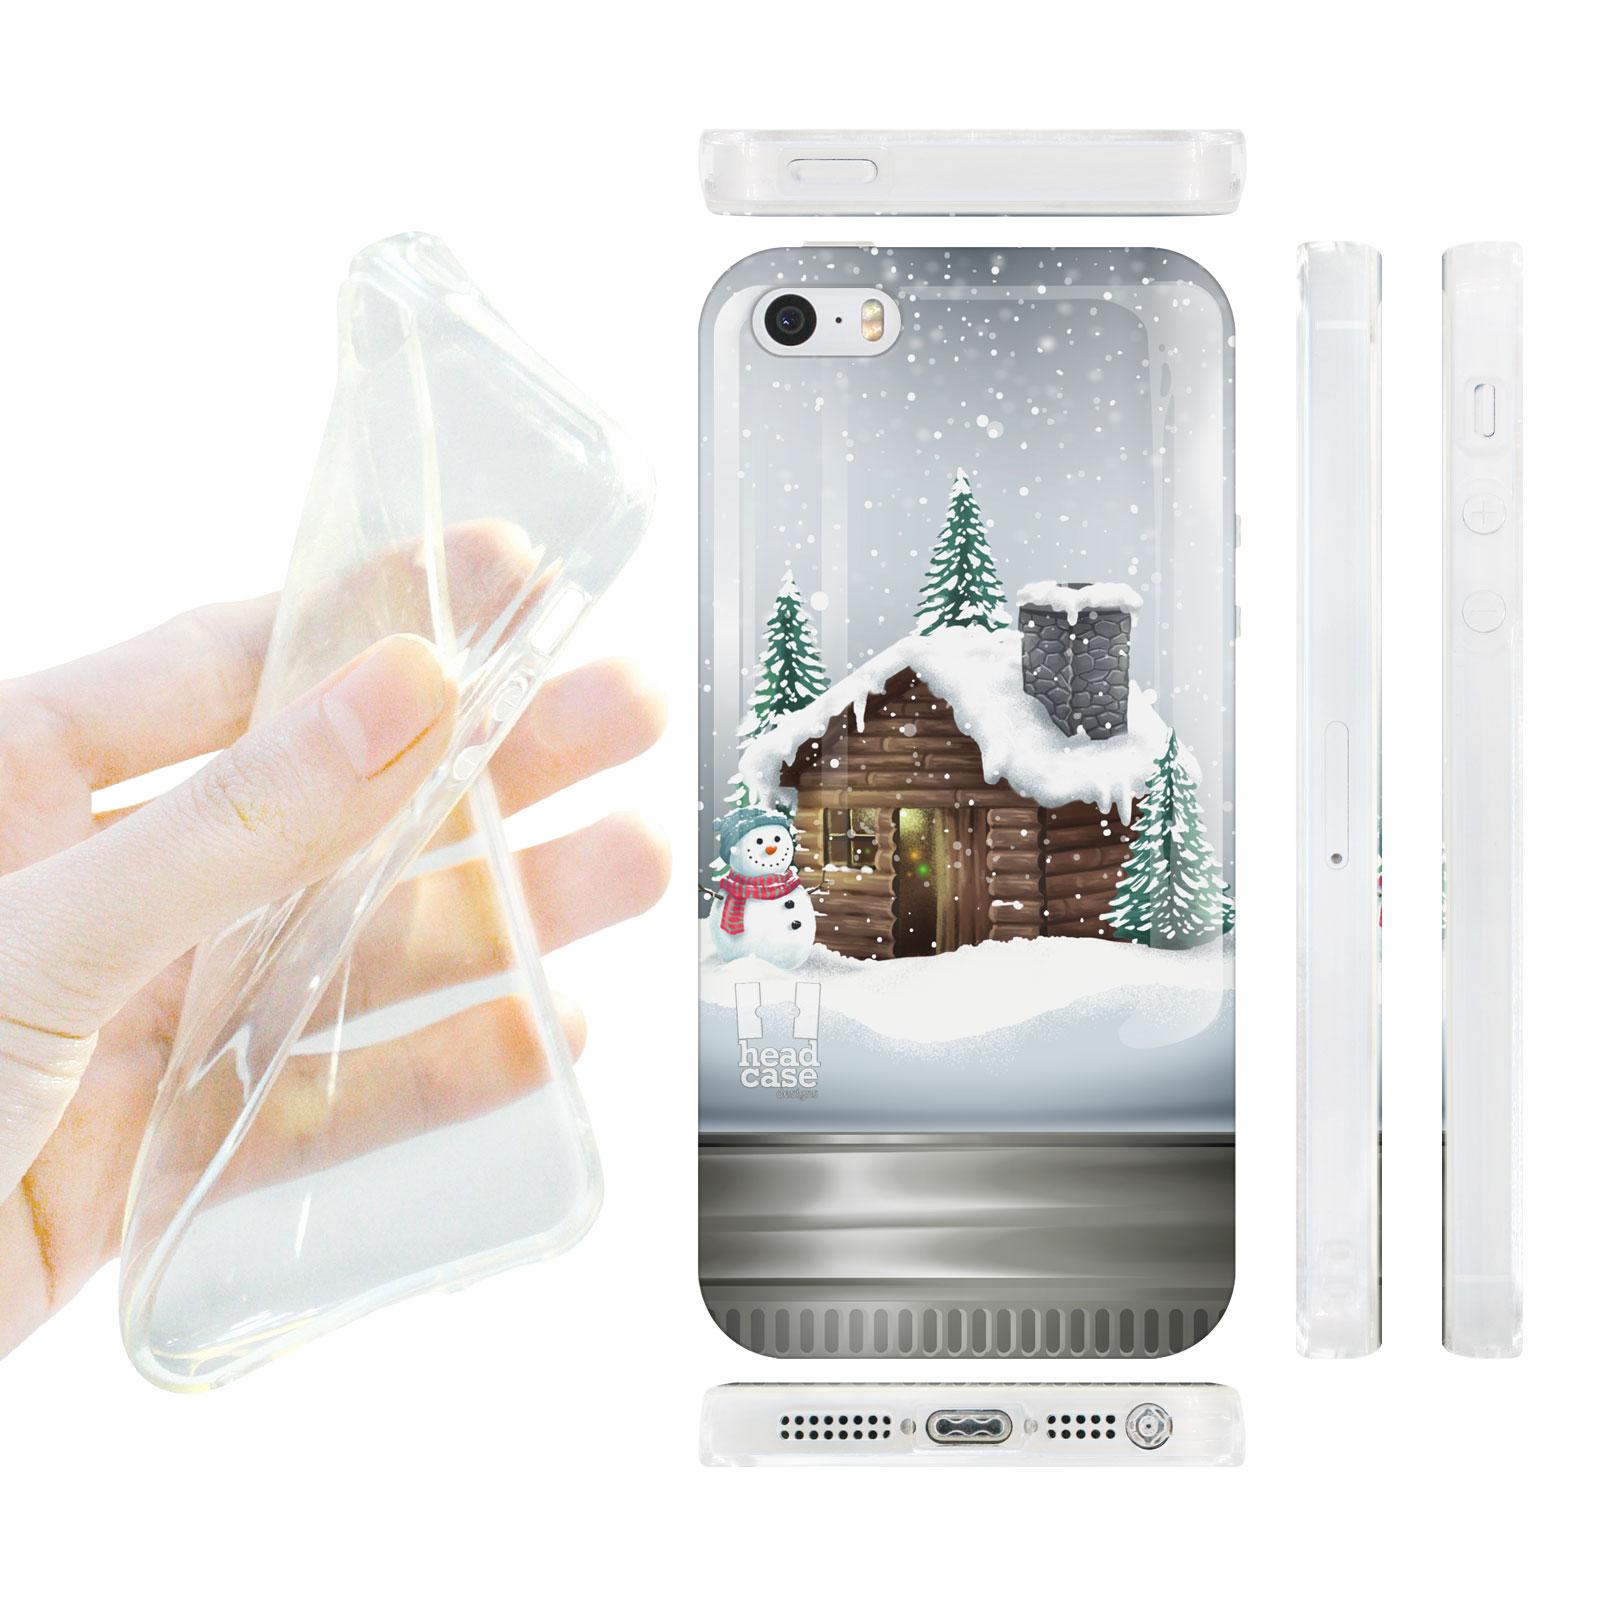 HEAD CASE silikonový obal na mobil Iphone 5/5S vánoční domeček skleněná koule